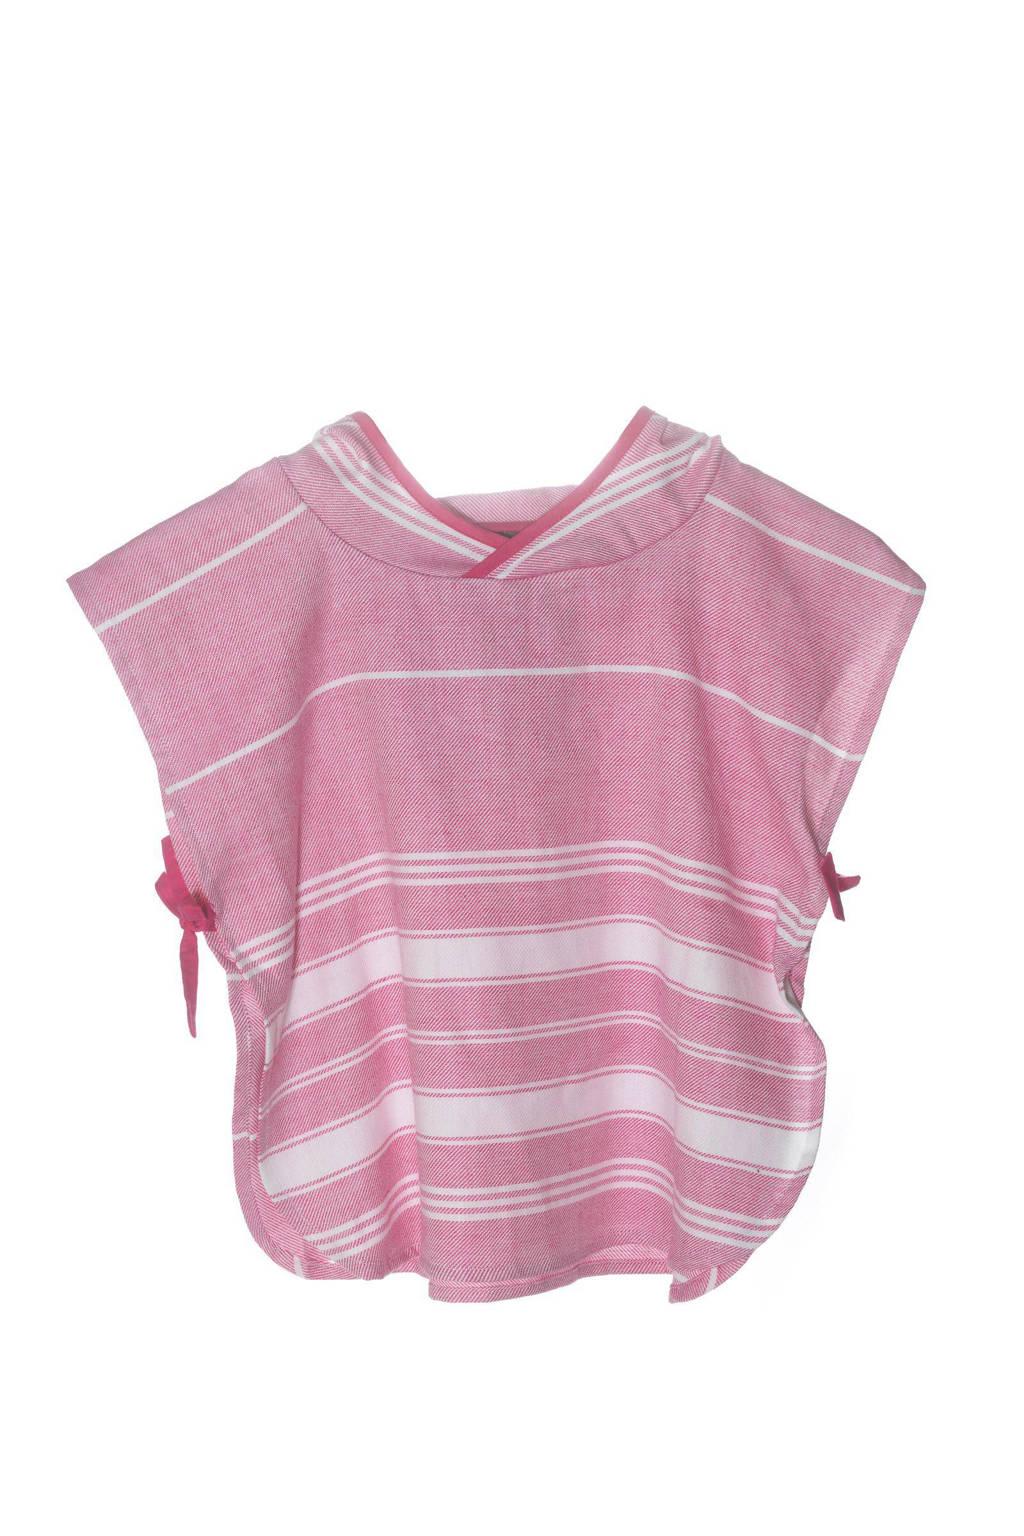 KipKep Blenker poncho 1-3 jaar roze, Roze